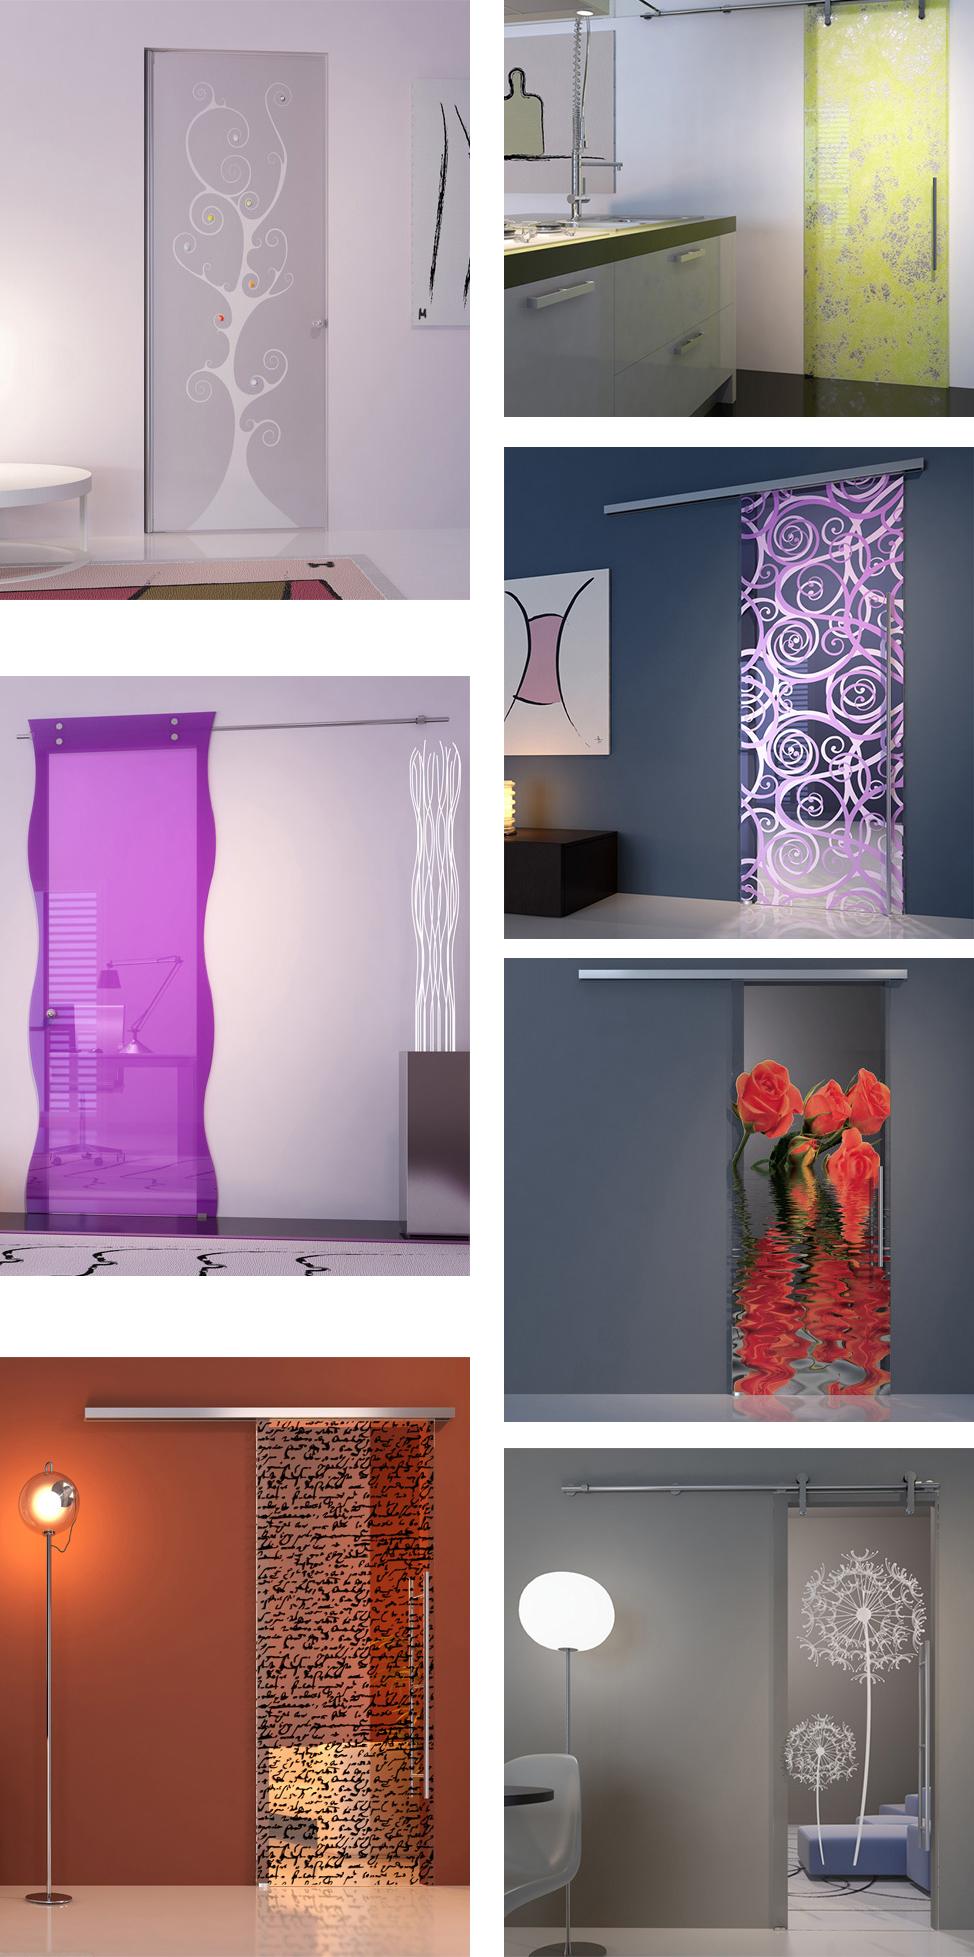 Kunstige glazen schuifdeuren gimmii dutch design for Schuifdeuren woonkamer